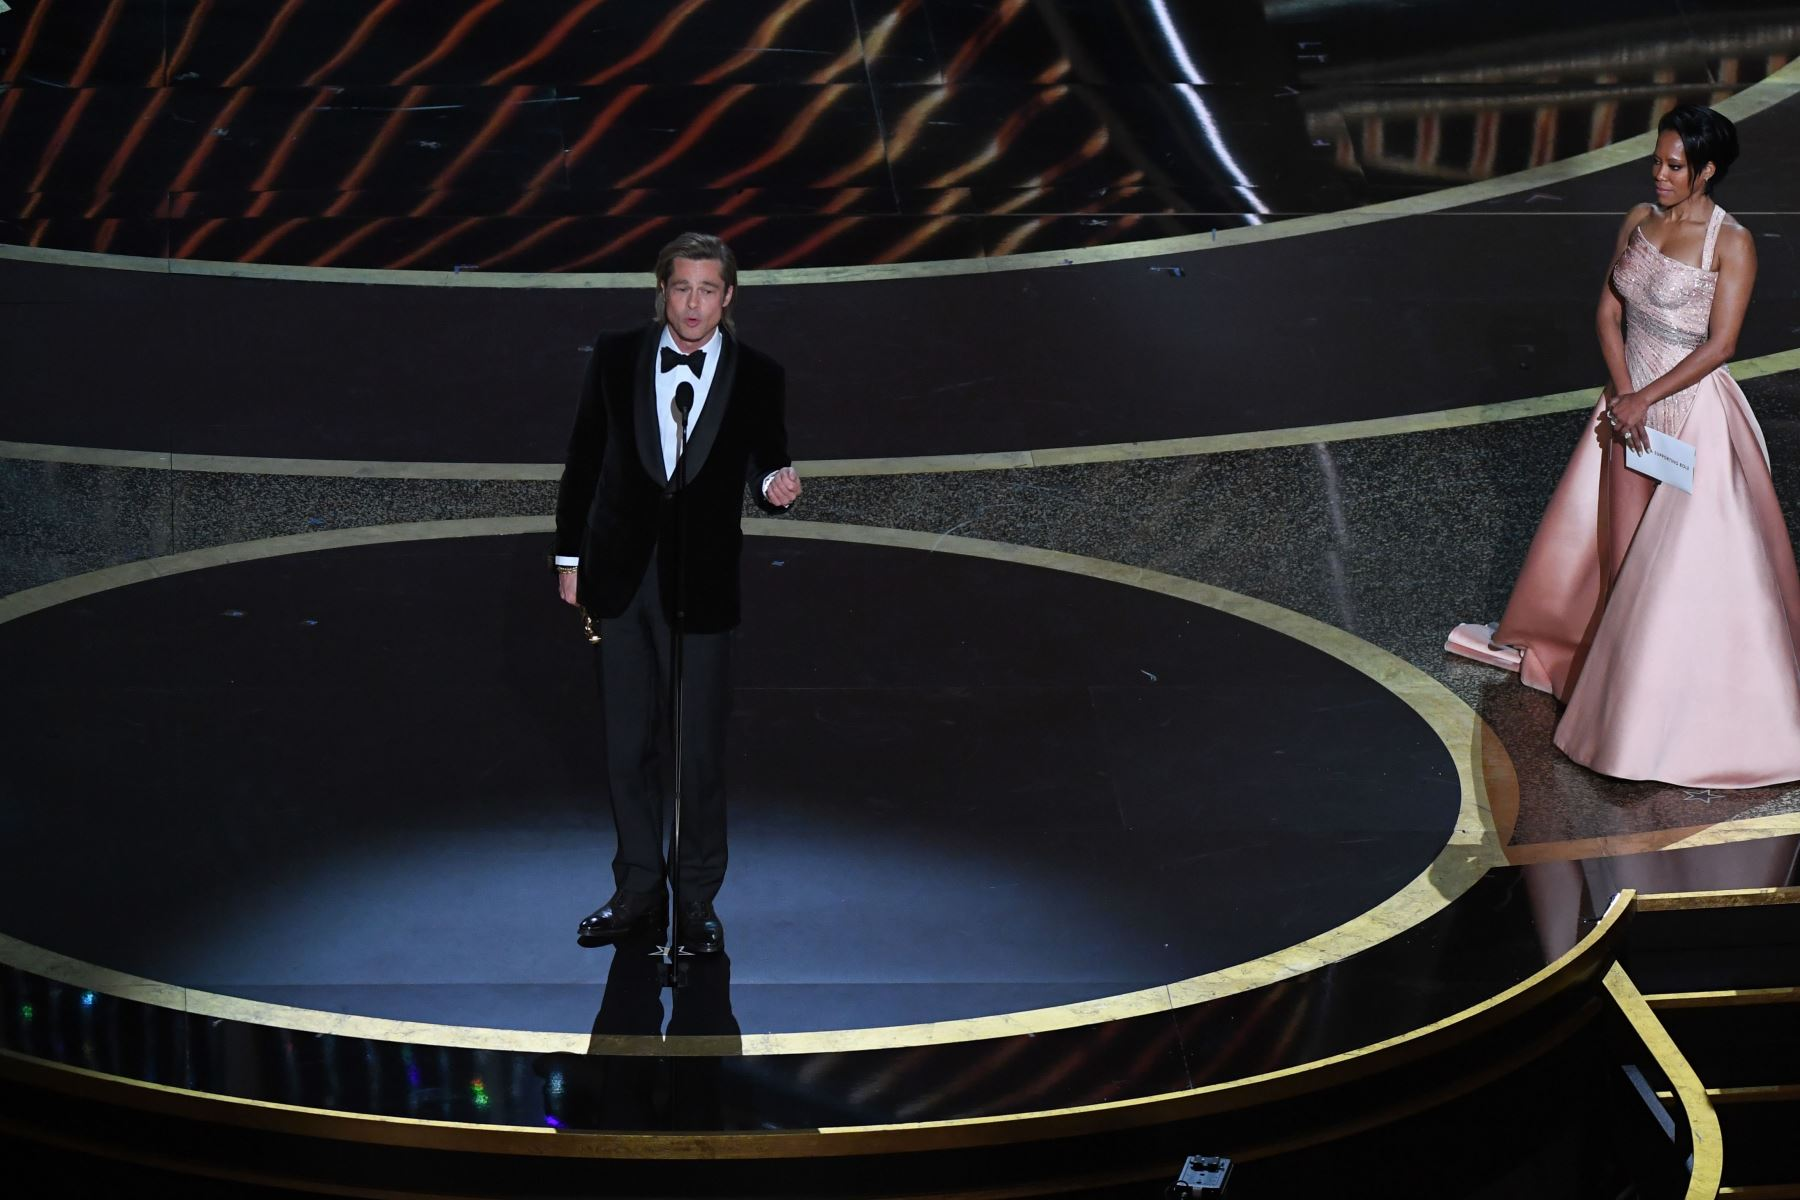 """El actor estadounidense Brad Pitt acepta el premio al Mejor Actor en un papel secundario por """"Érase una vez ... en Hollywood"""" durante los 92o Oscars en el Dolby Theatre de Hollywood, California. Foto: AFP"""